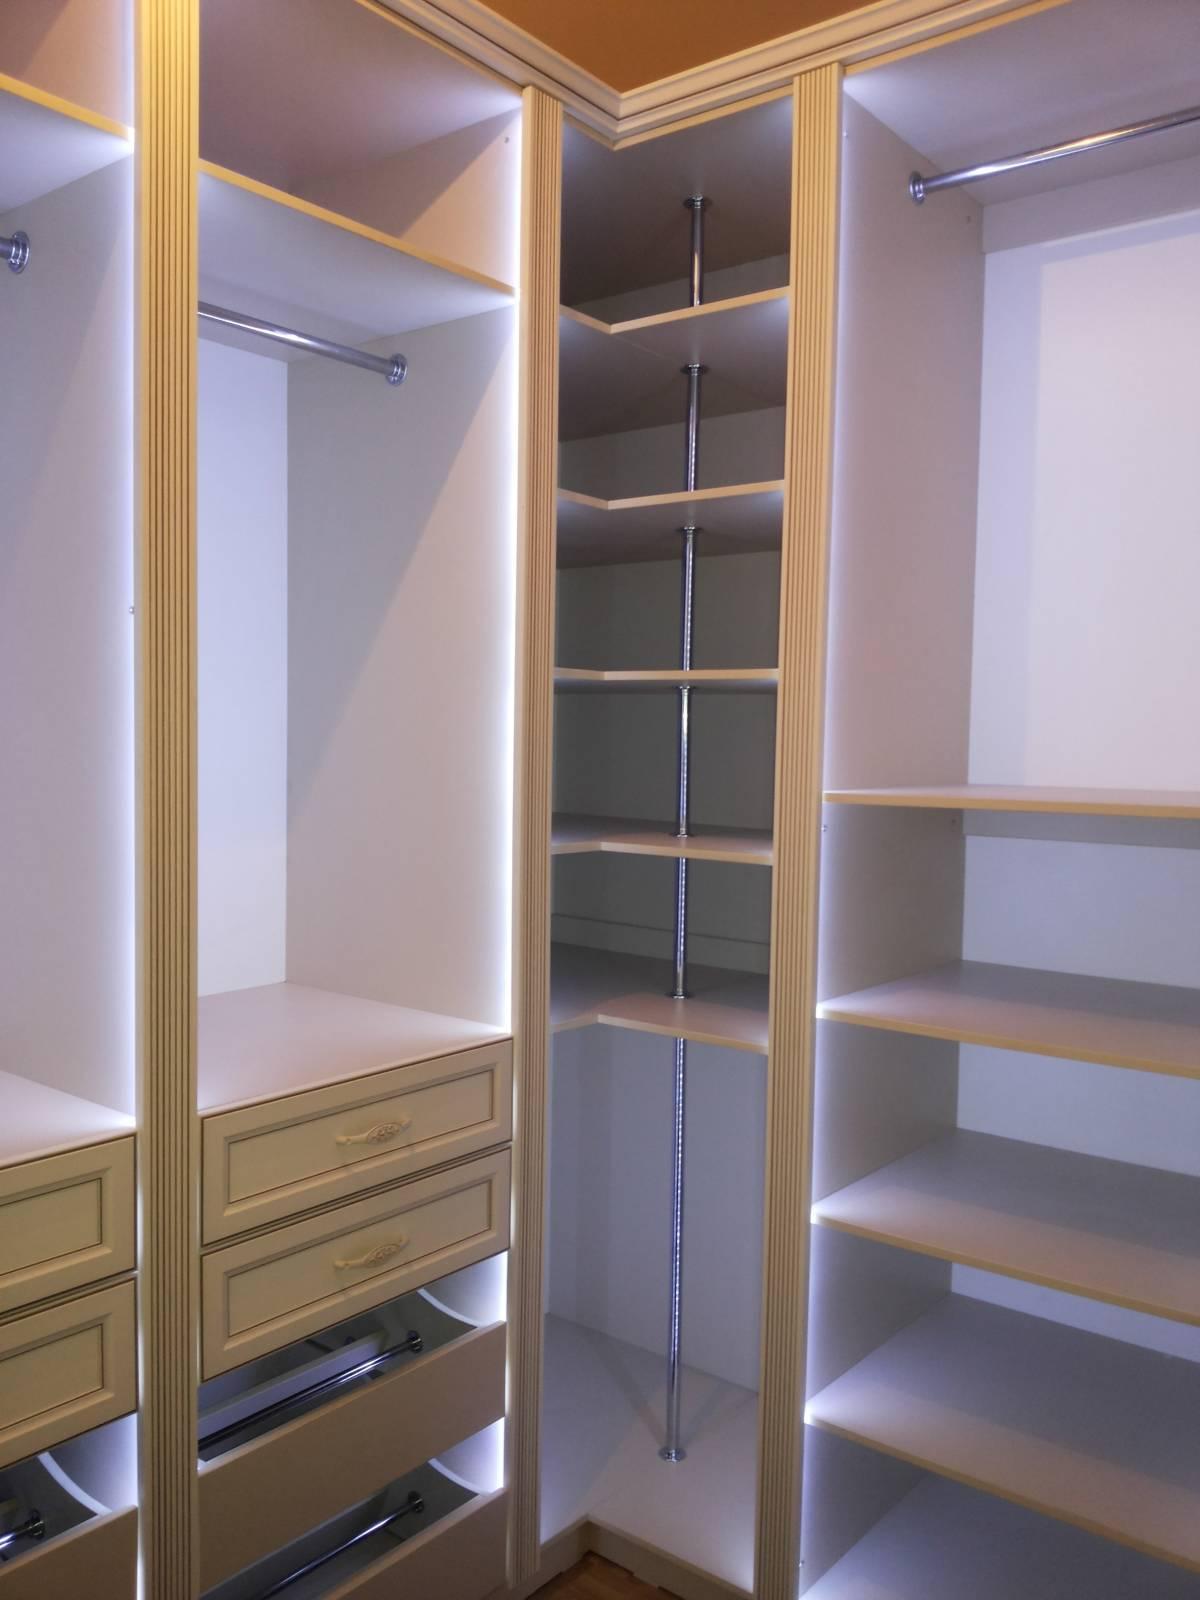 Гардеробные - мебель на заказ - фотоальбомы - дизайн без гра.